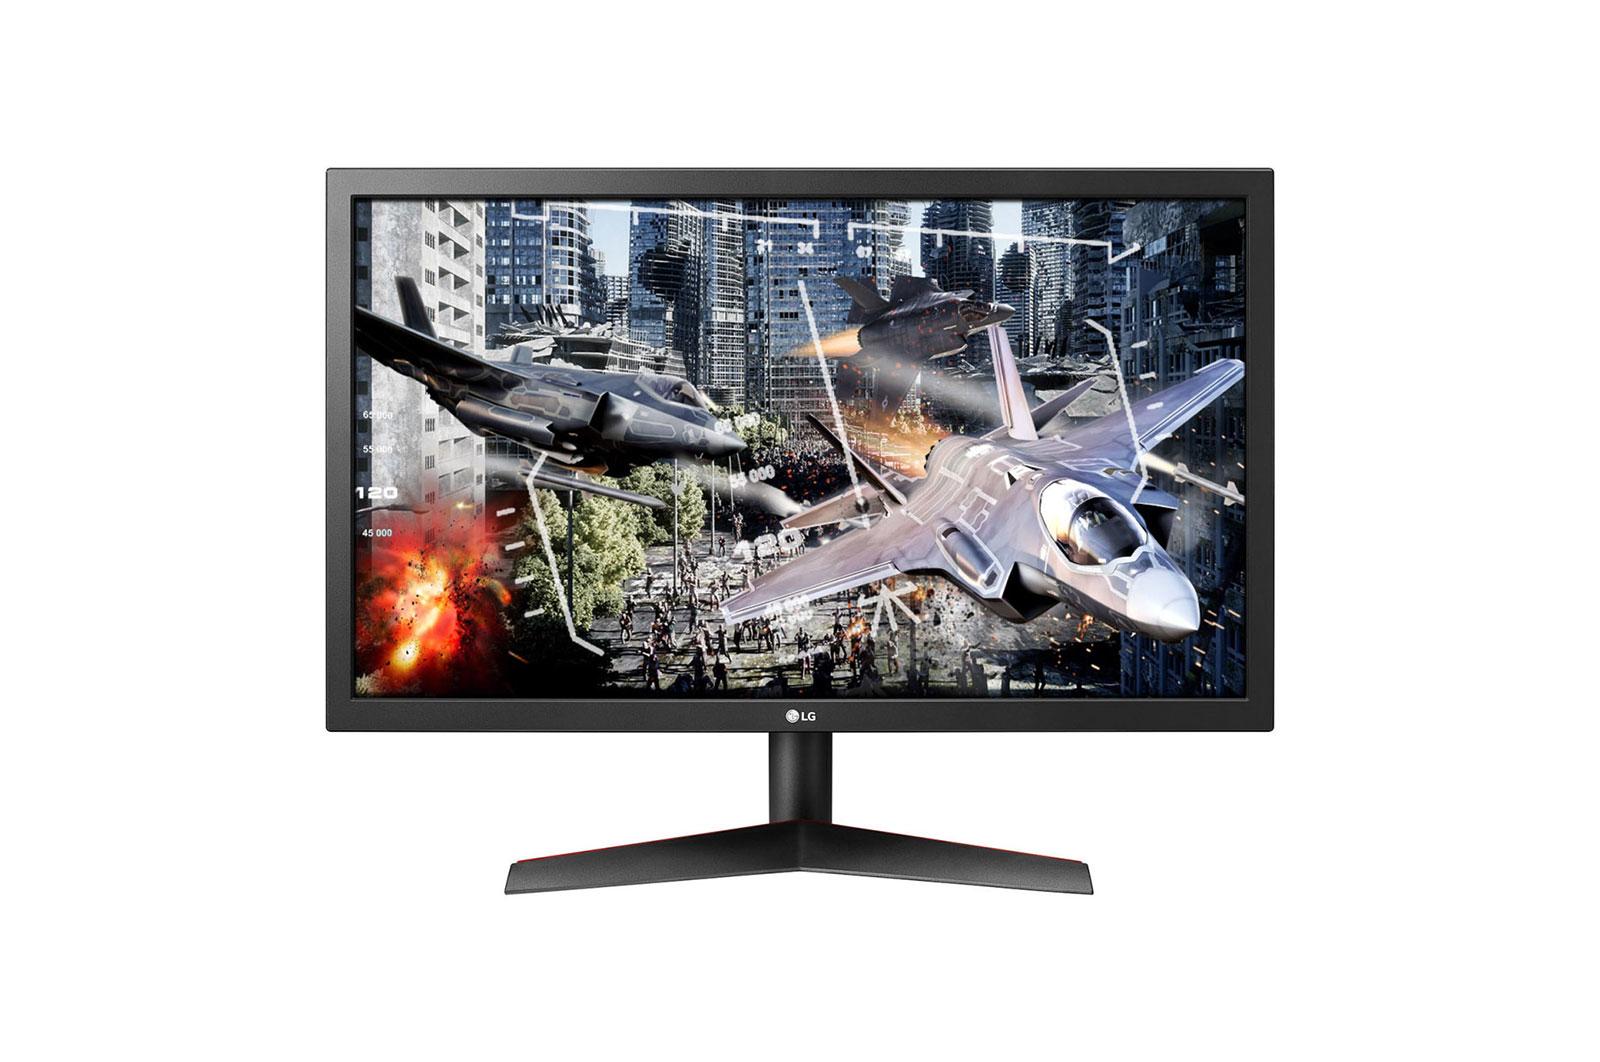 """LG 24GL600F LED display 59.9 cm (23.6"""") Full HD Flat Matt Black,Red"""